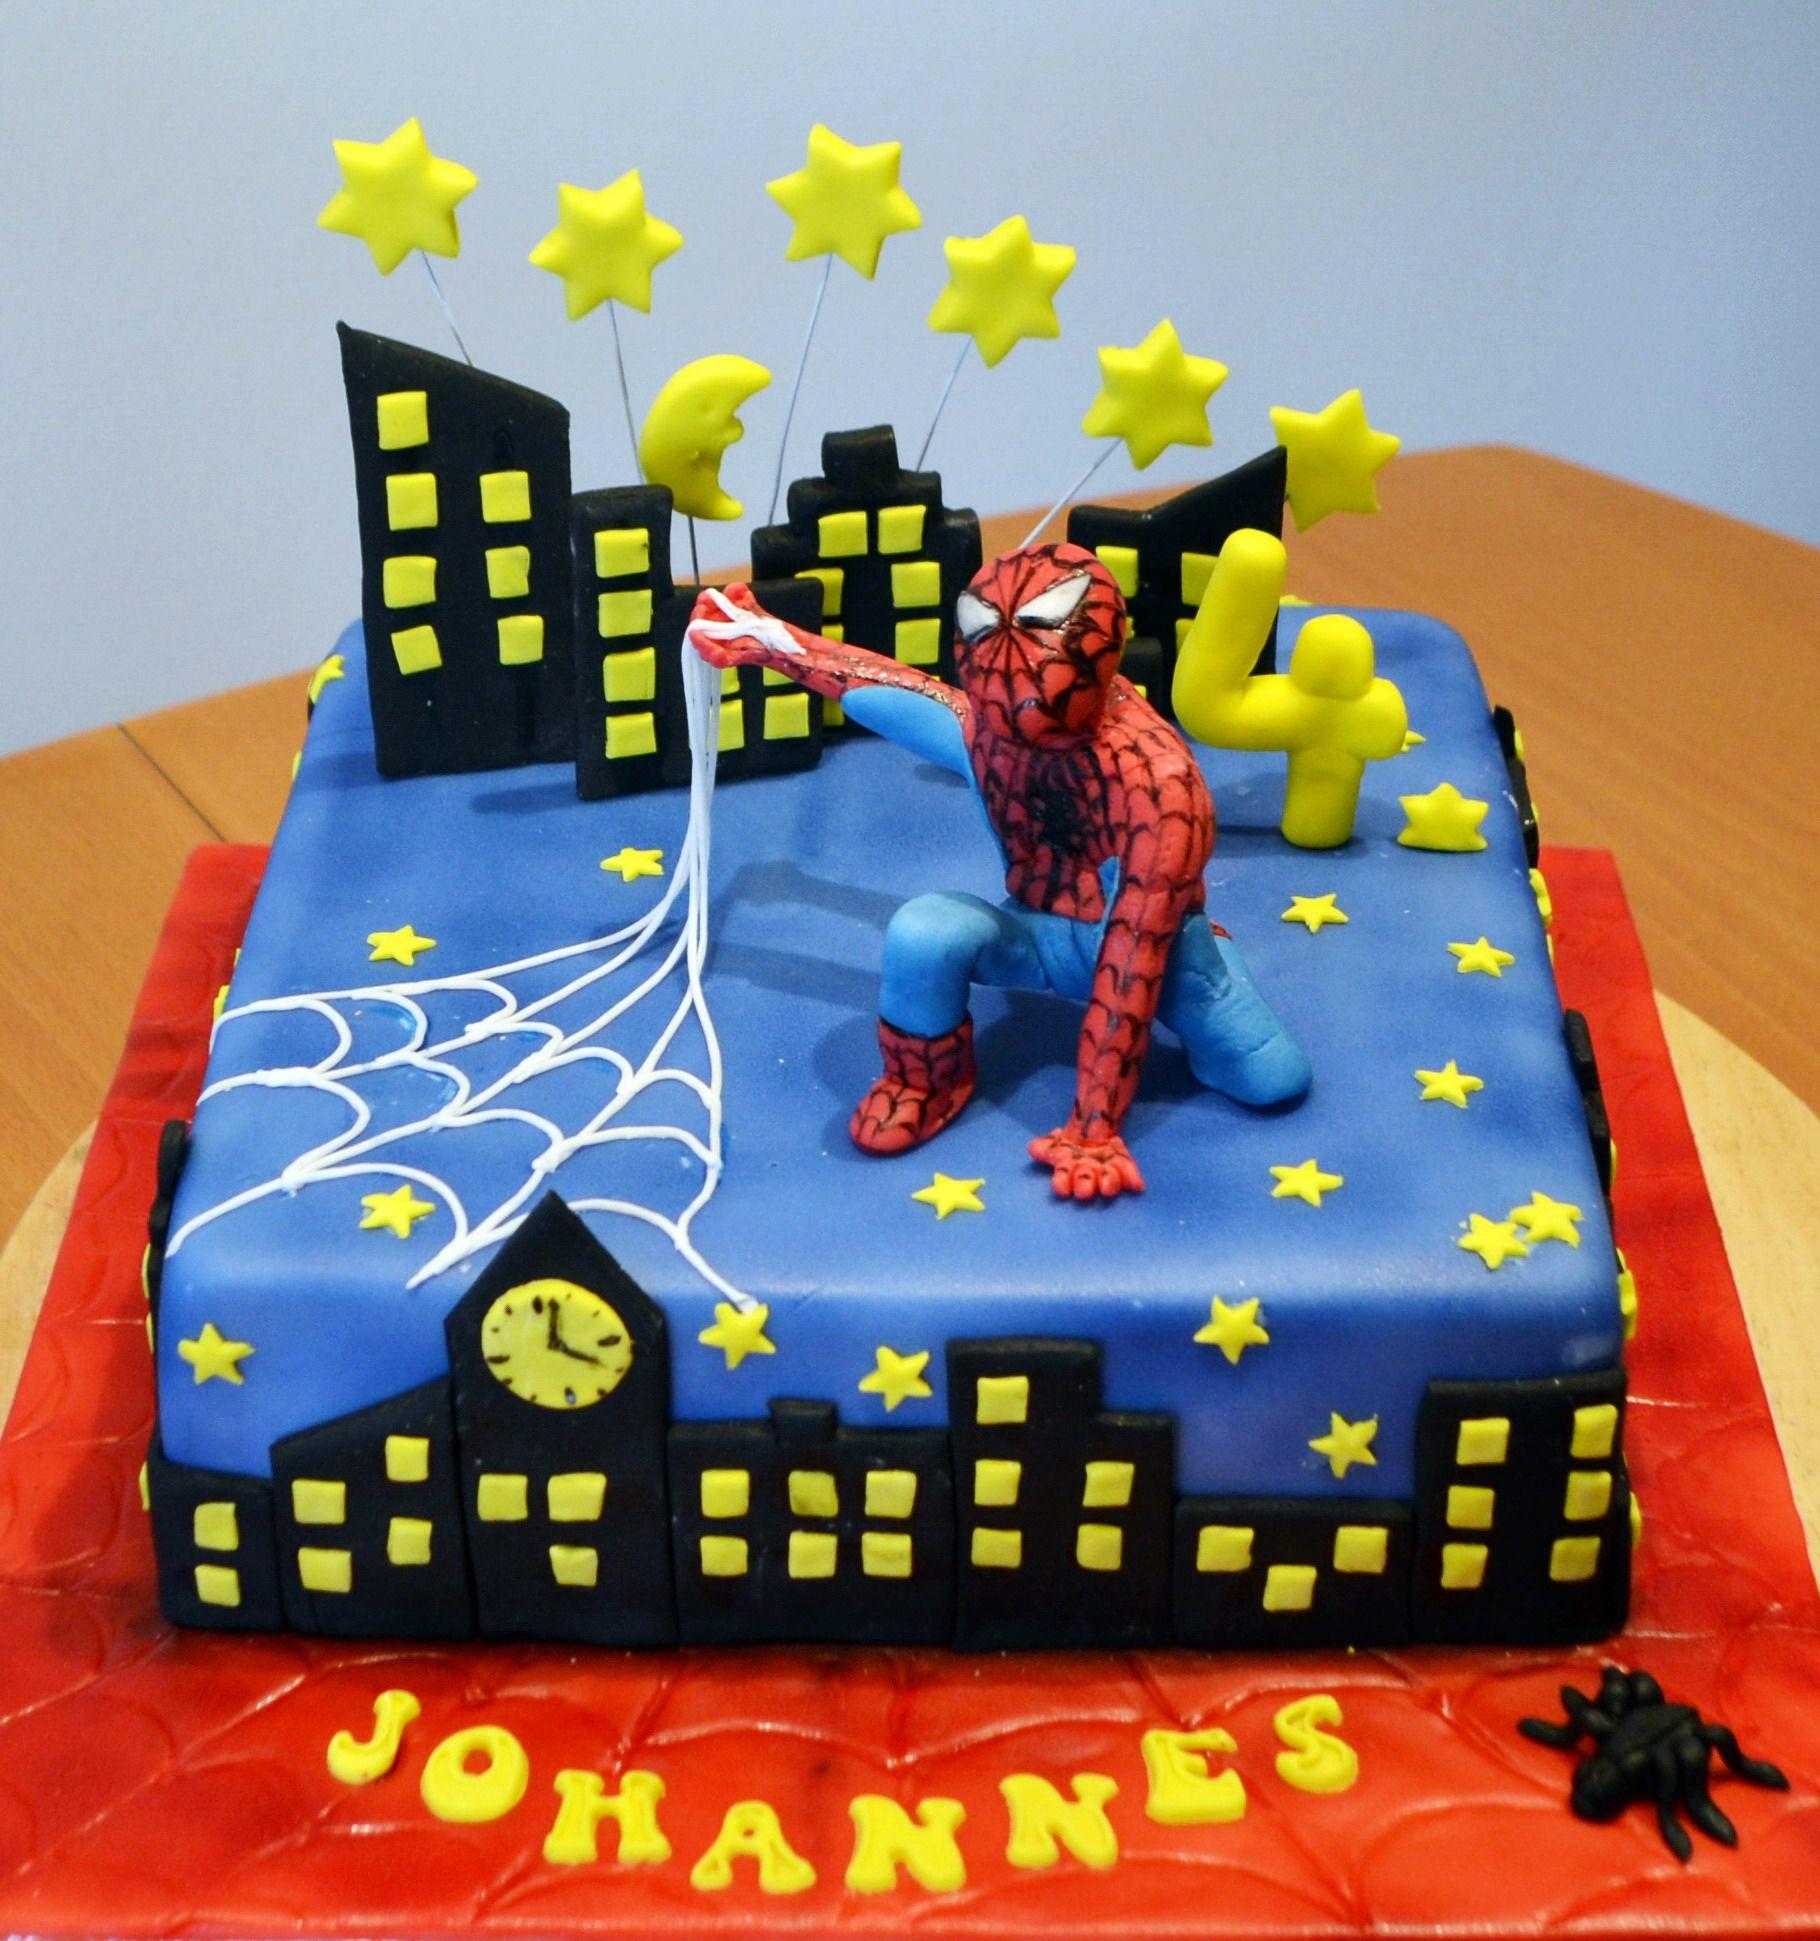 spiderman torte meine motivtorten pinterest birthday cakes and cake. Black Bedroom Furniture Sets. Home Design Ideas